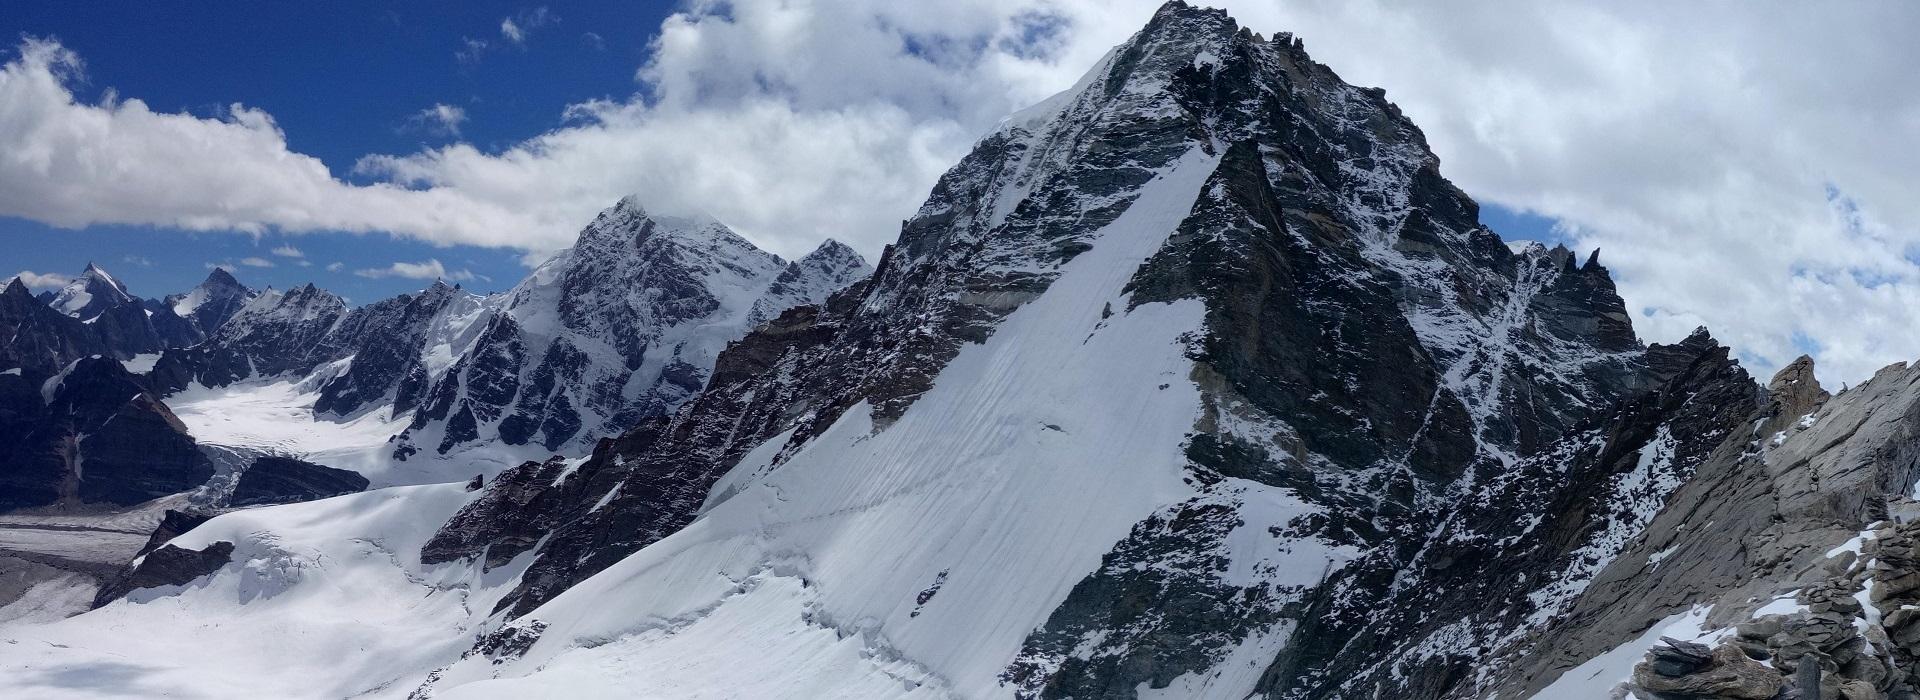 Kishtwar to Zanskar